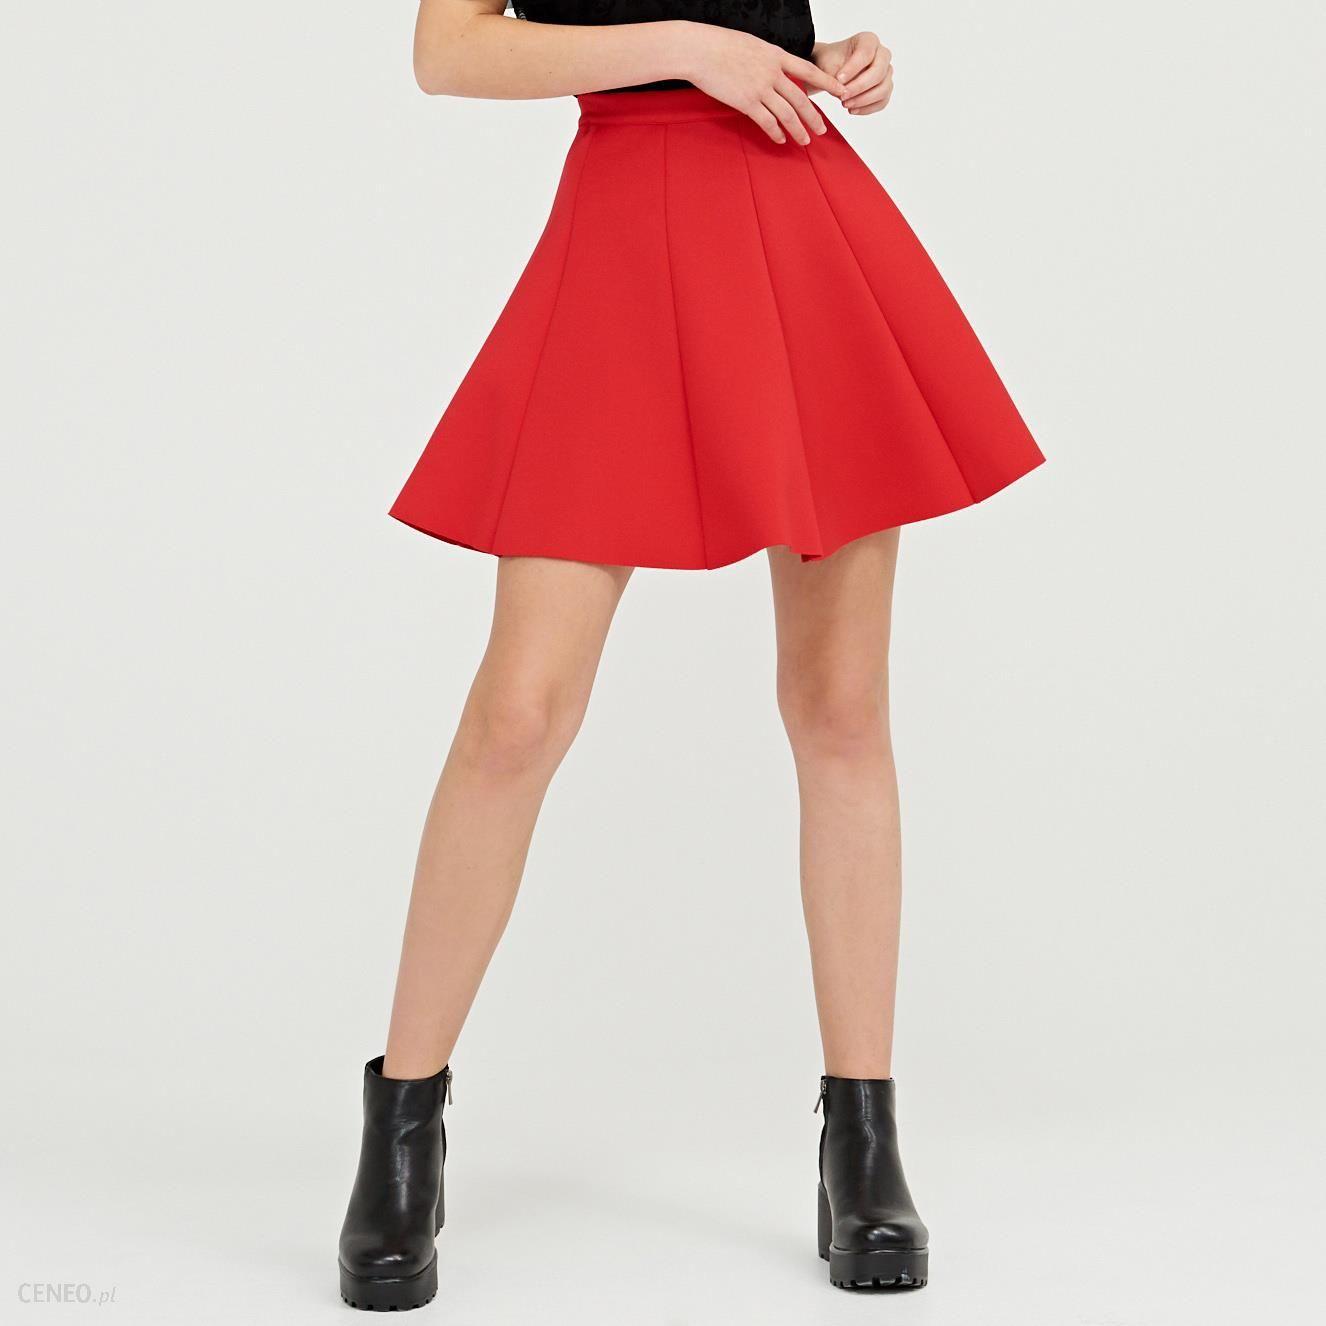 8660575bbe Cropp - Plisowana spódnica - Czerwony - Ceny i opinie - Ceneo.pl